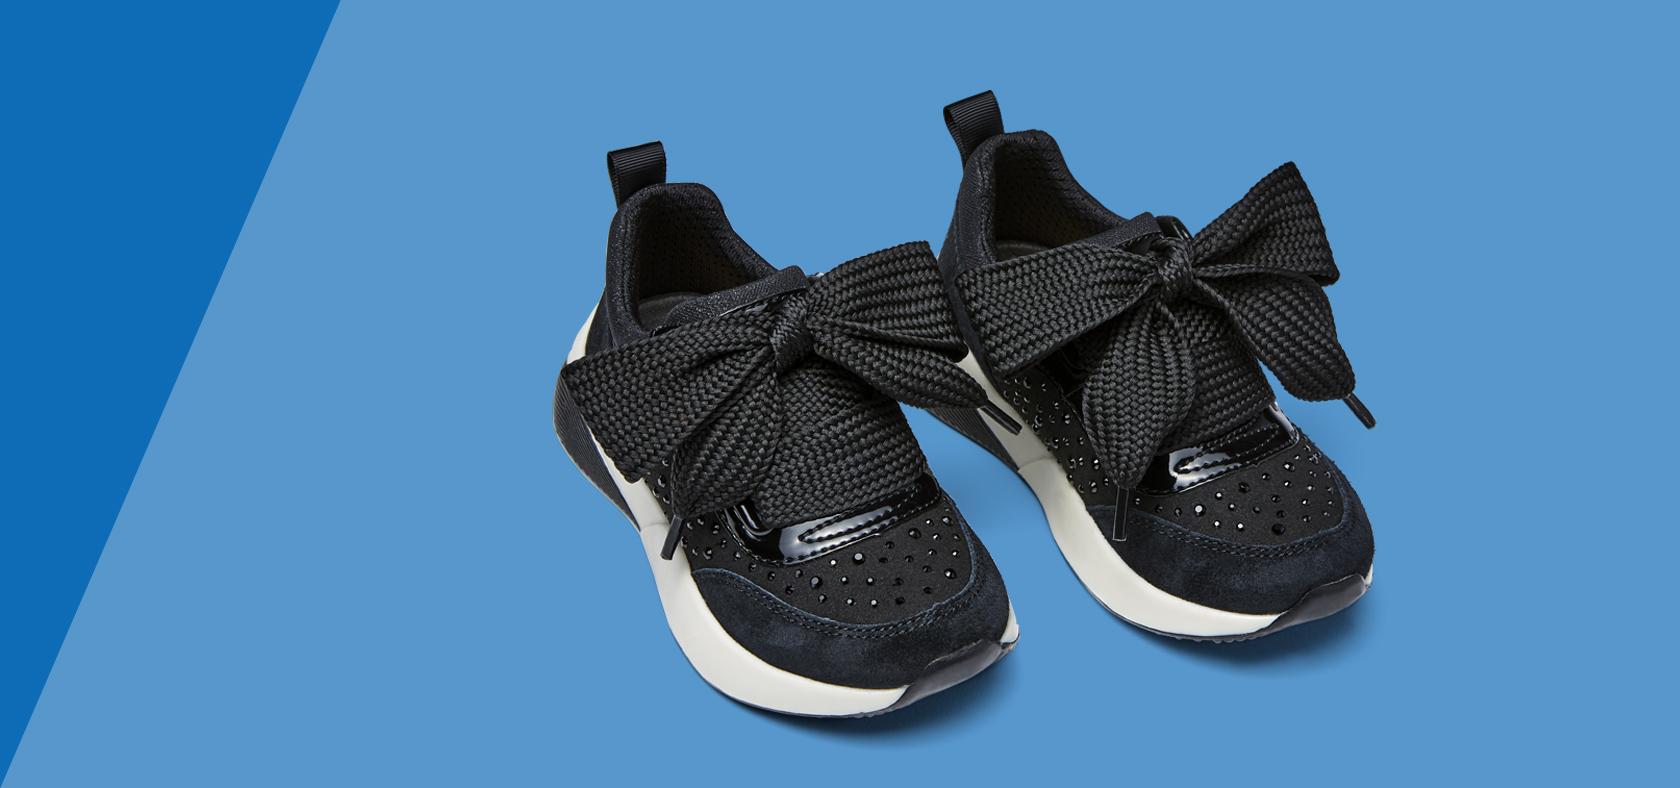 nuova versione reputazione affidabile più economico Sneakers, Ballerine, Stivaletti, Scarpe Scuola da Bimba | Geox